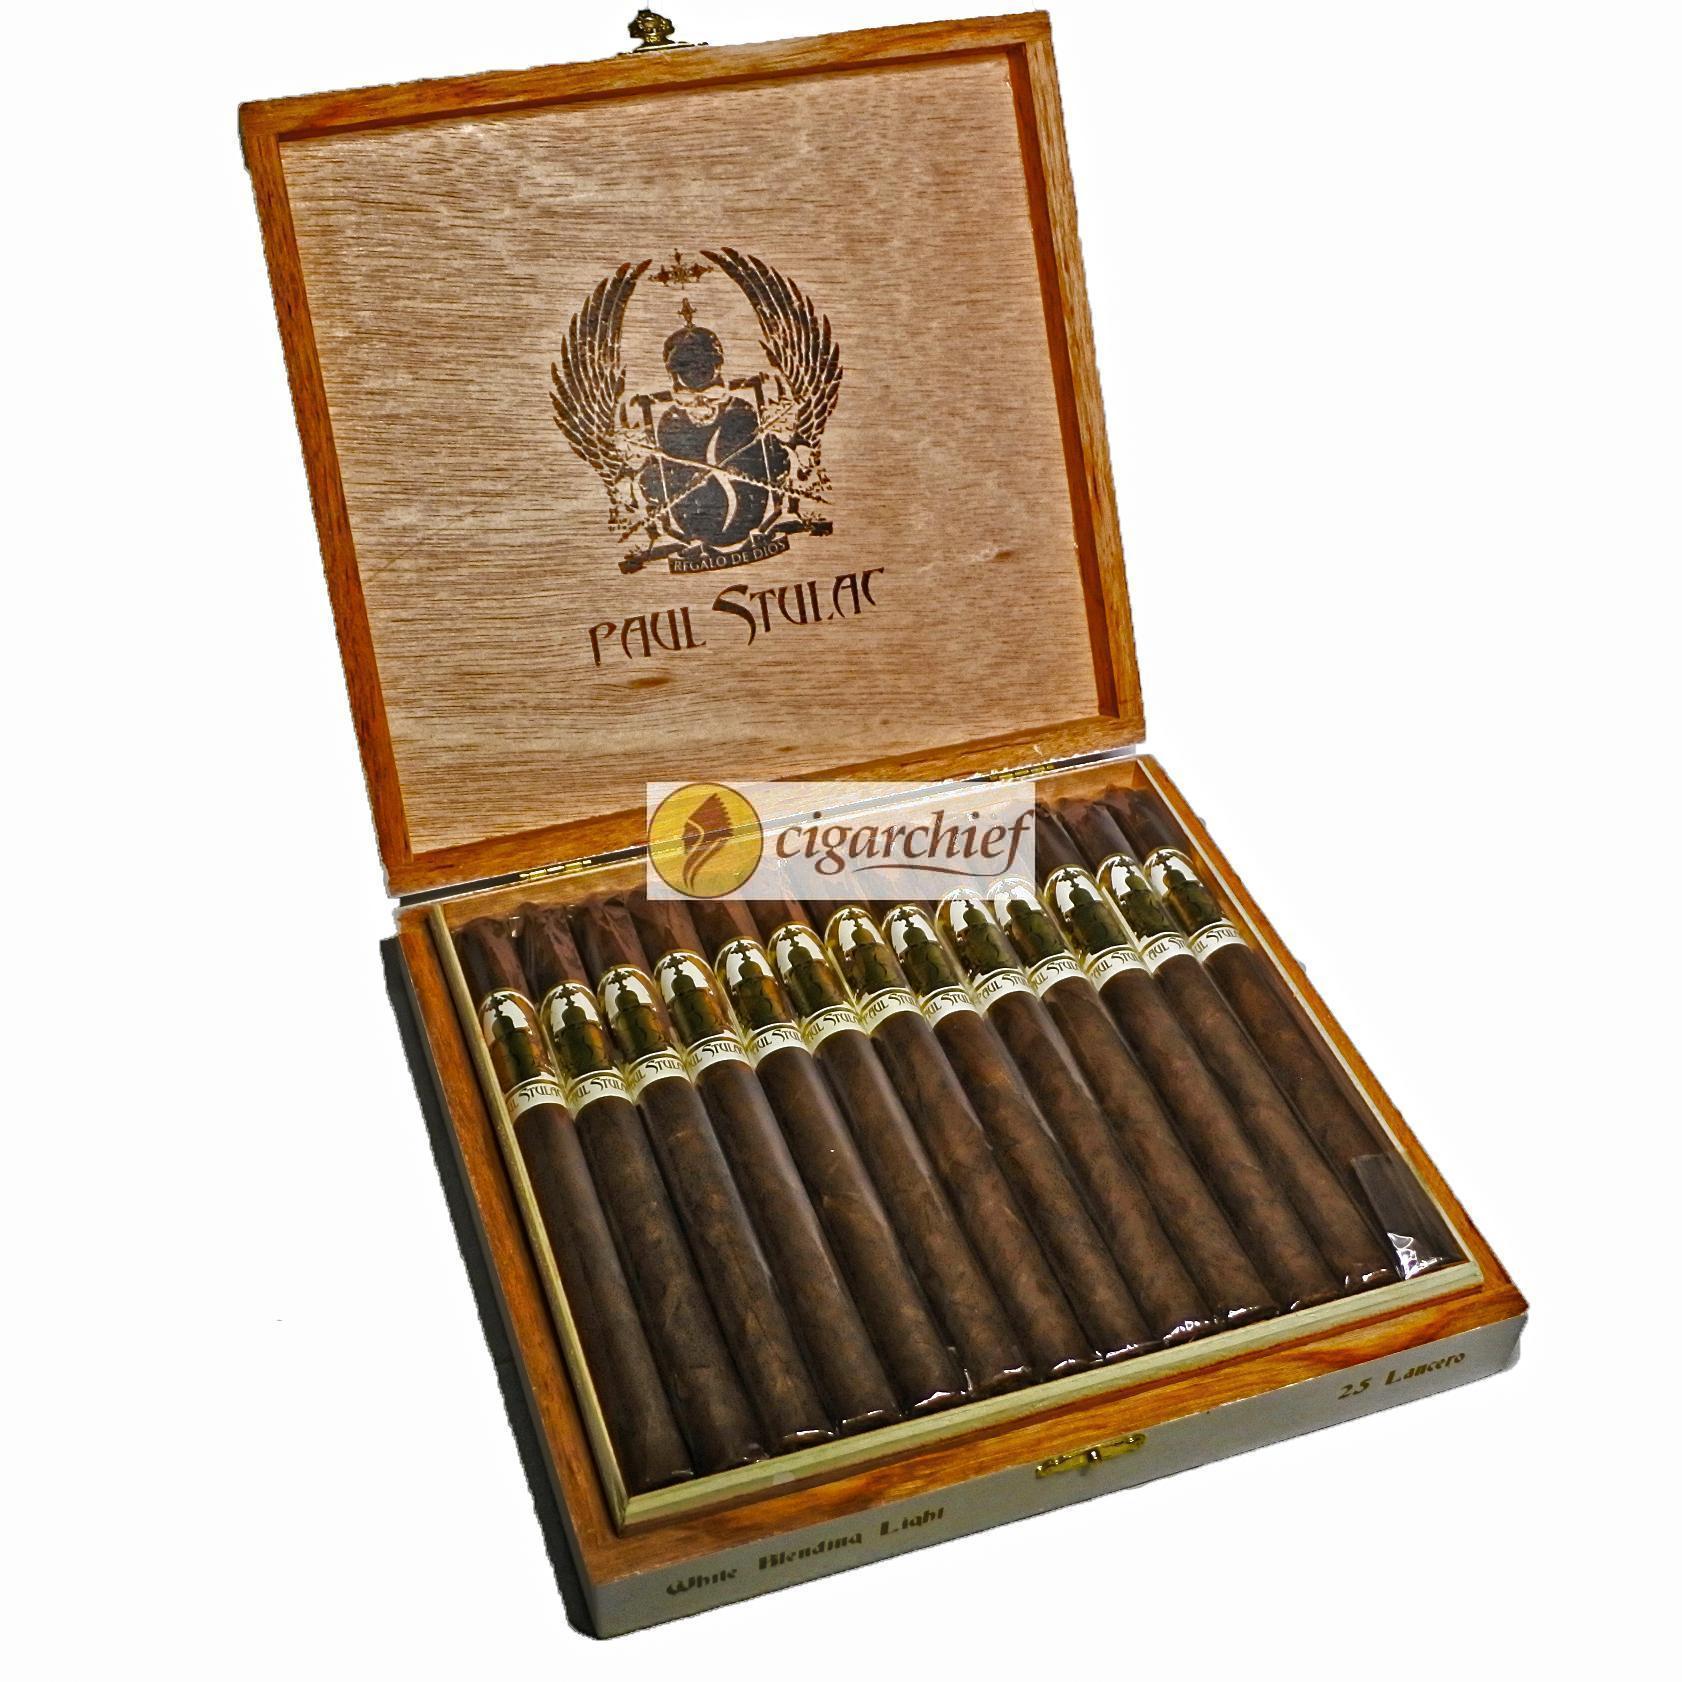 Buy Online Paul Stulac Cigars White Blinding Light